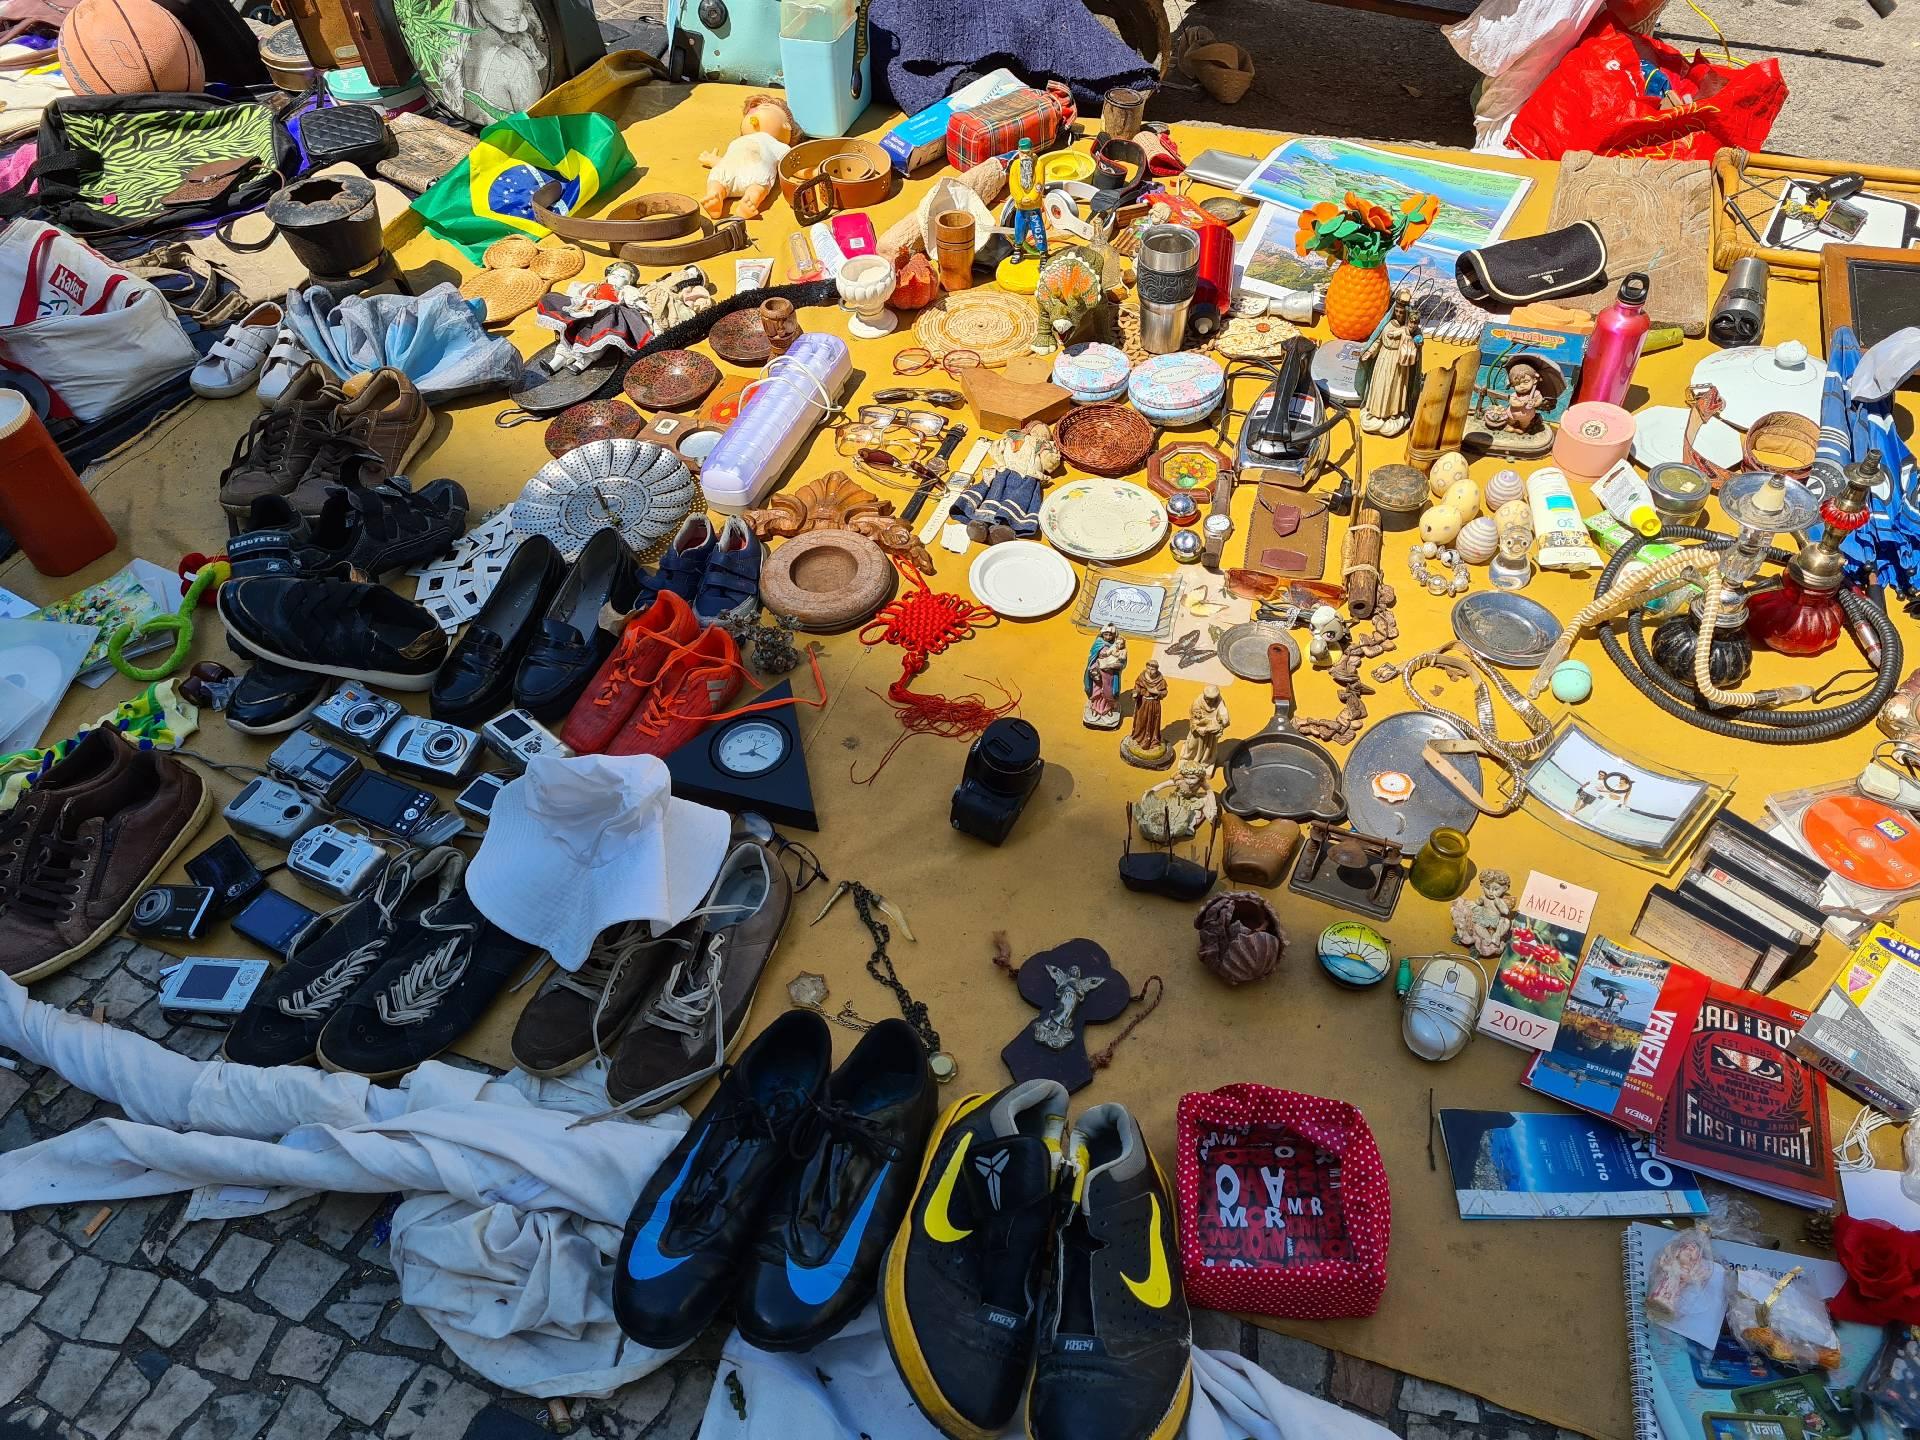 лоток уличного торговца в Рио